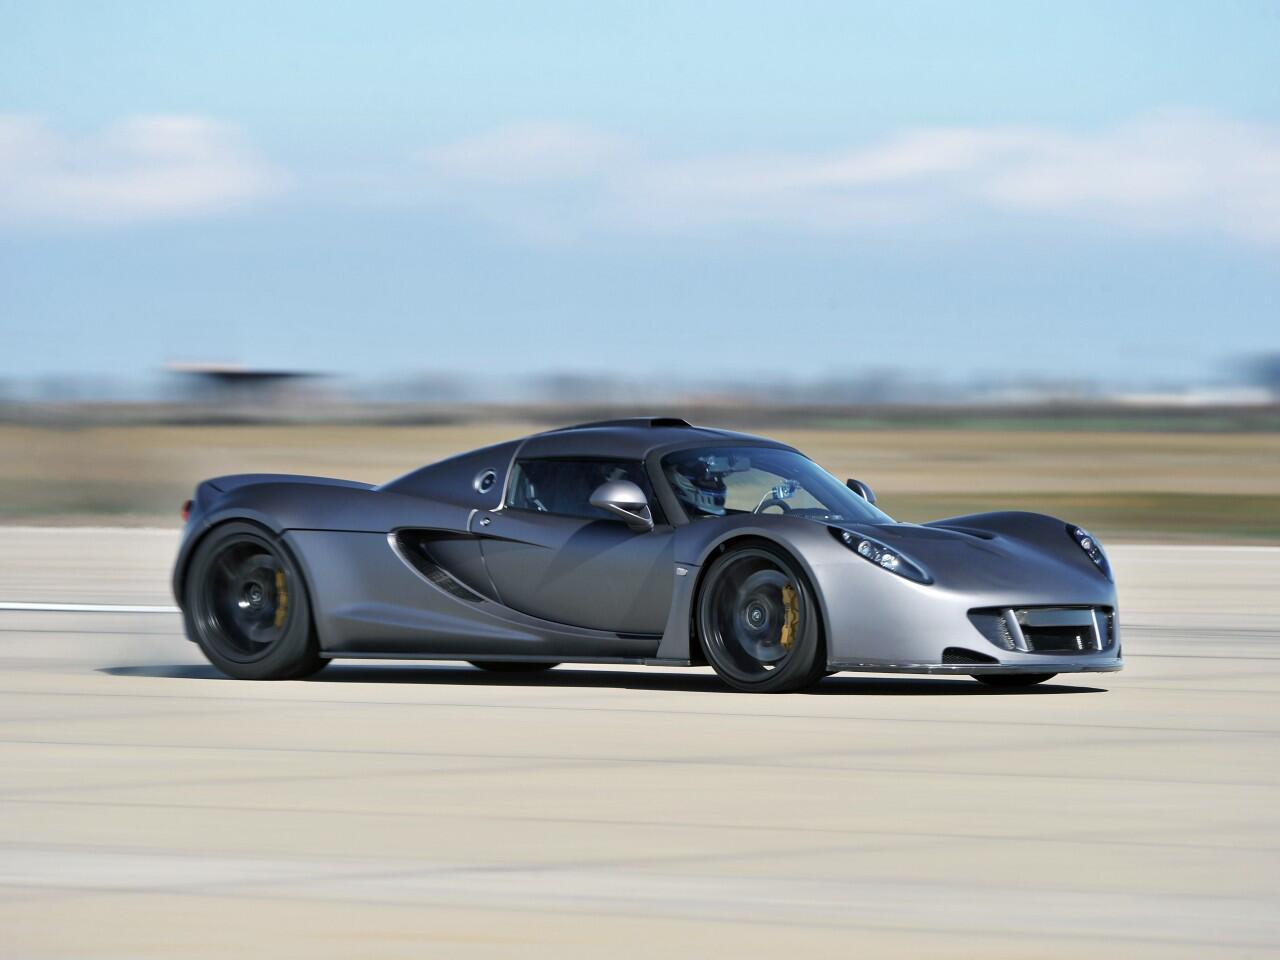 Bild zu Platz 2: Der Hennessey Venom GT schafft exakt 427,6 Stundenkilometer